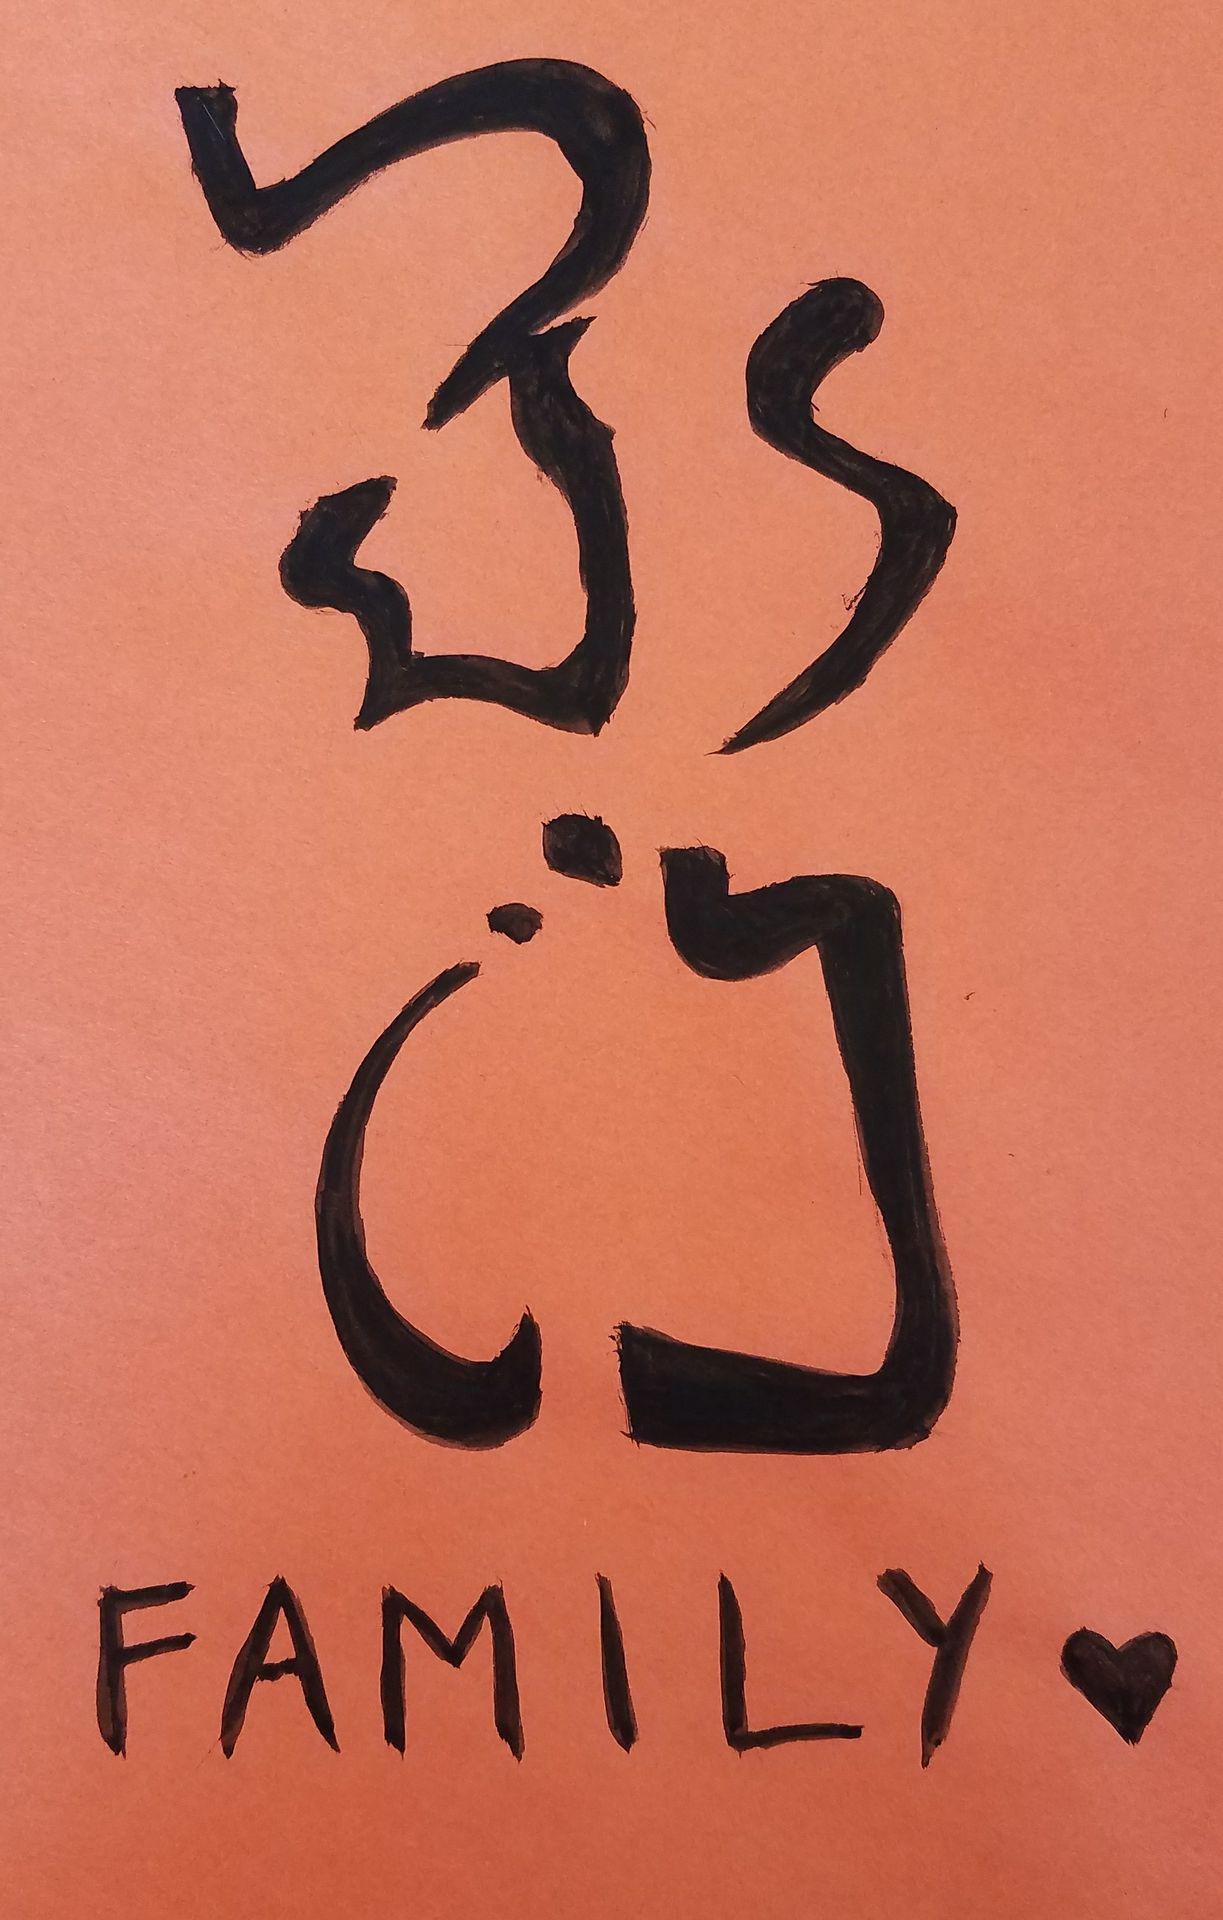 My Paper Drawings Family Wattpad